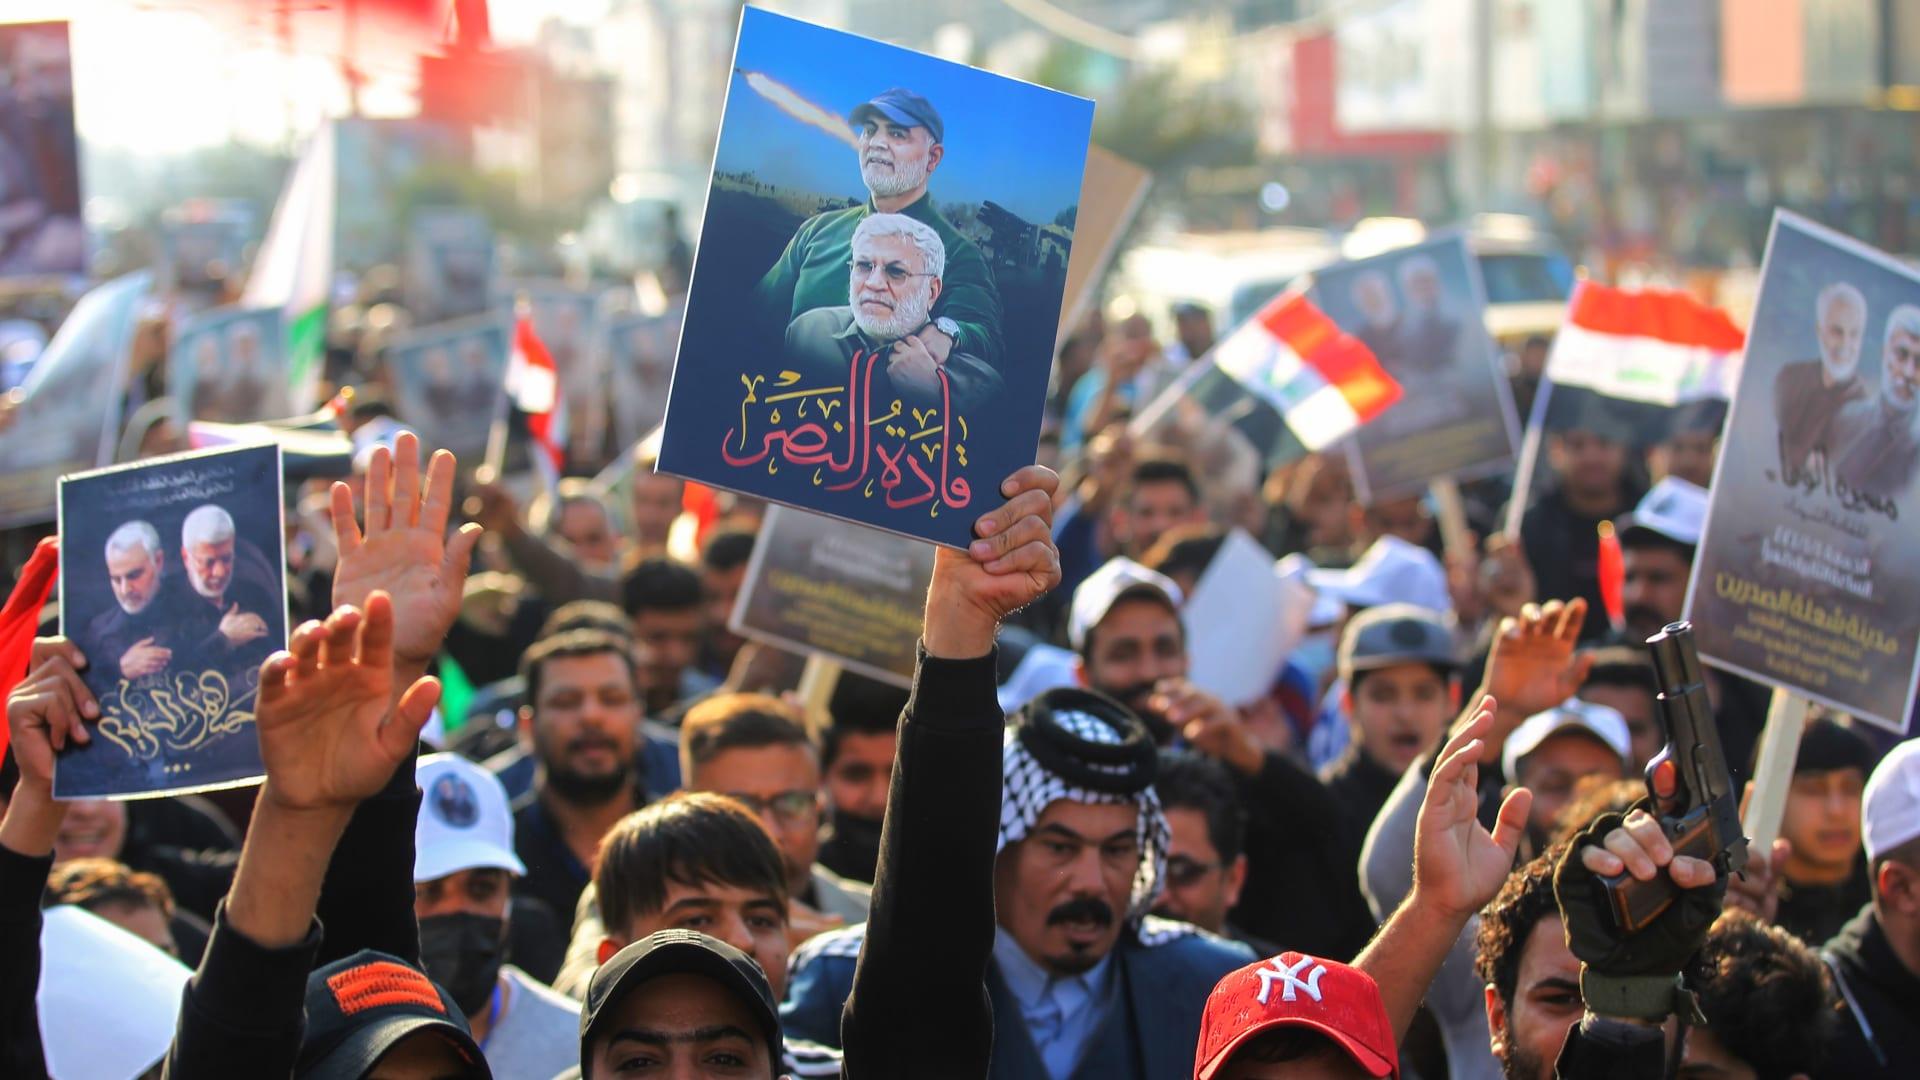 مراسم إحياء ذكرى مقتل سليماني في بغداد.. ومخاوف من تصعيد يزعزع استقرار المنطقة